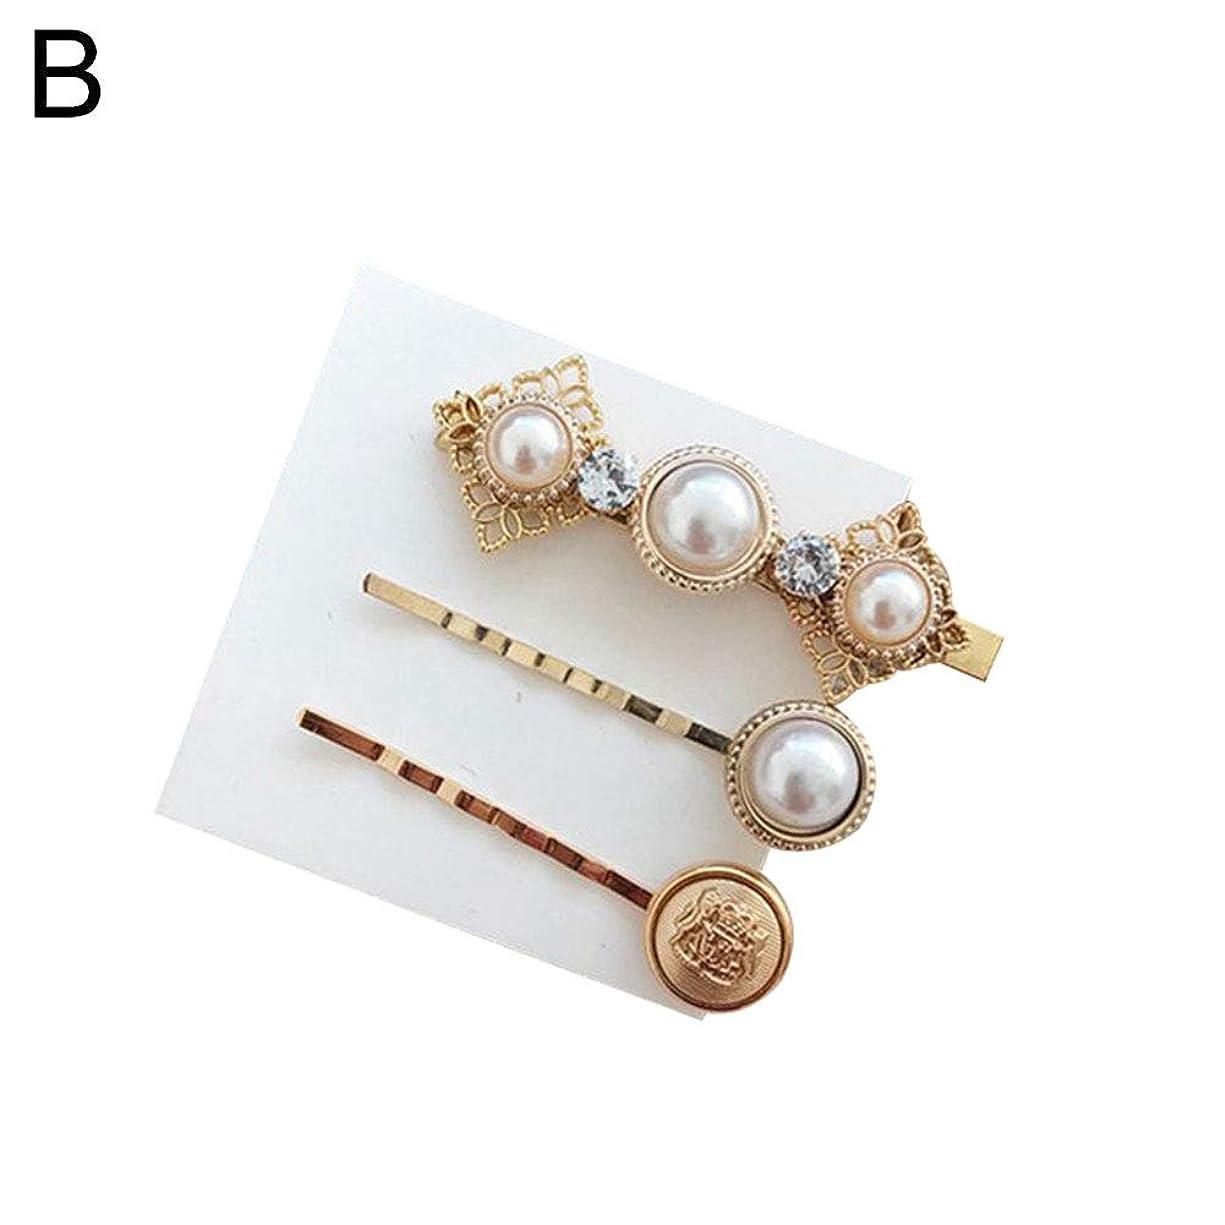 一般怖がって死ぬ温室goupgolboll-3本のファッションの女性の偽の真珠のヘアピンロングバレットフリンジスライドグリップヘアクリップ - B